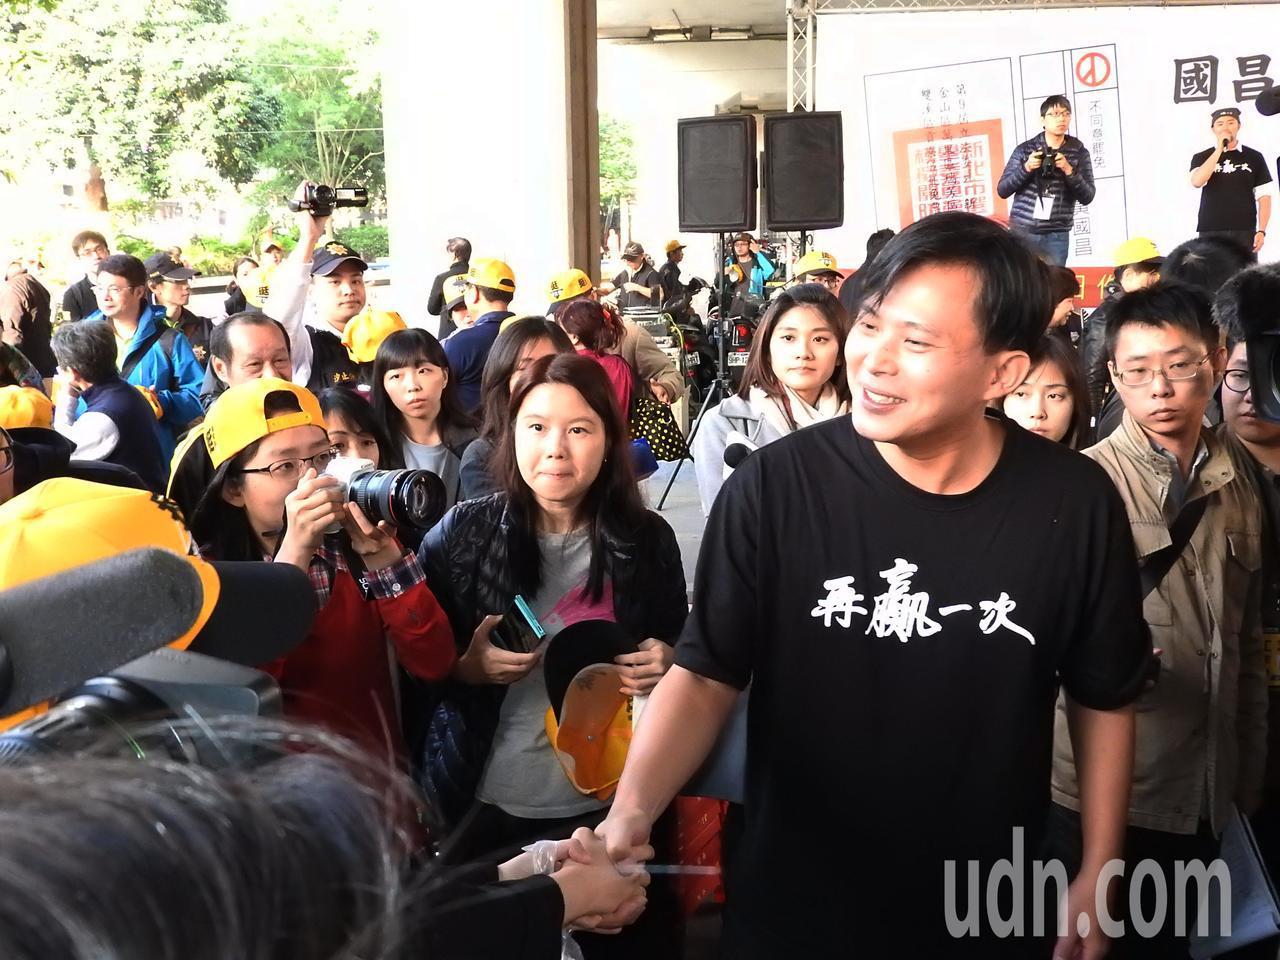 時代力量今在汐止火車站前舉辦造勢活動,聚集約千人到場支持。黃國昌與現場支持者熱情...